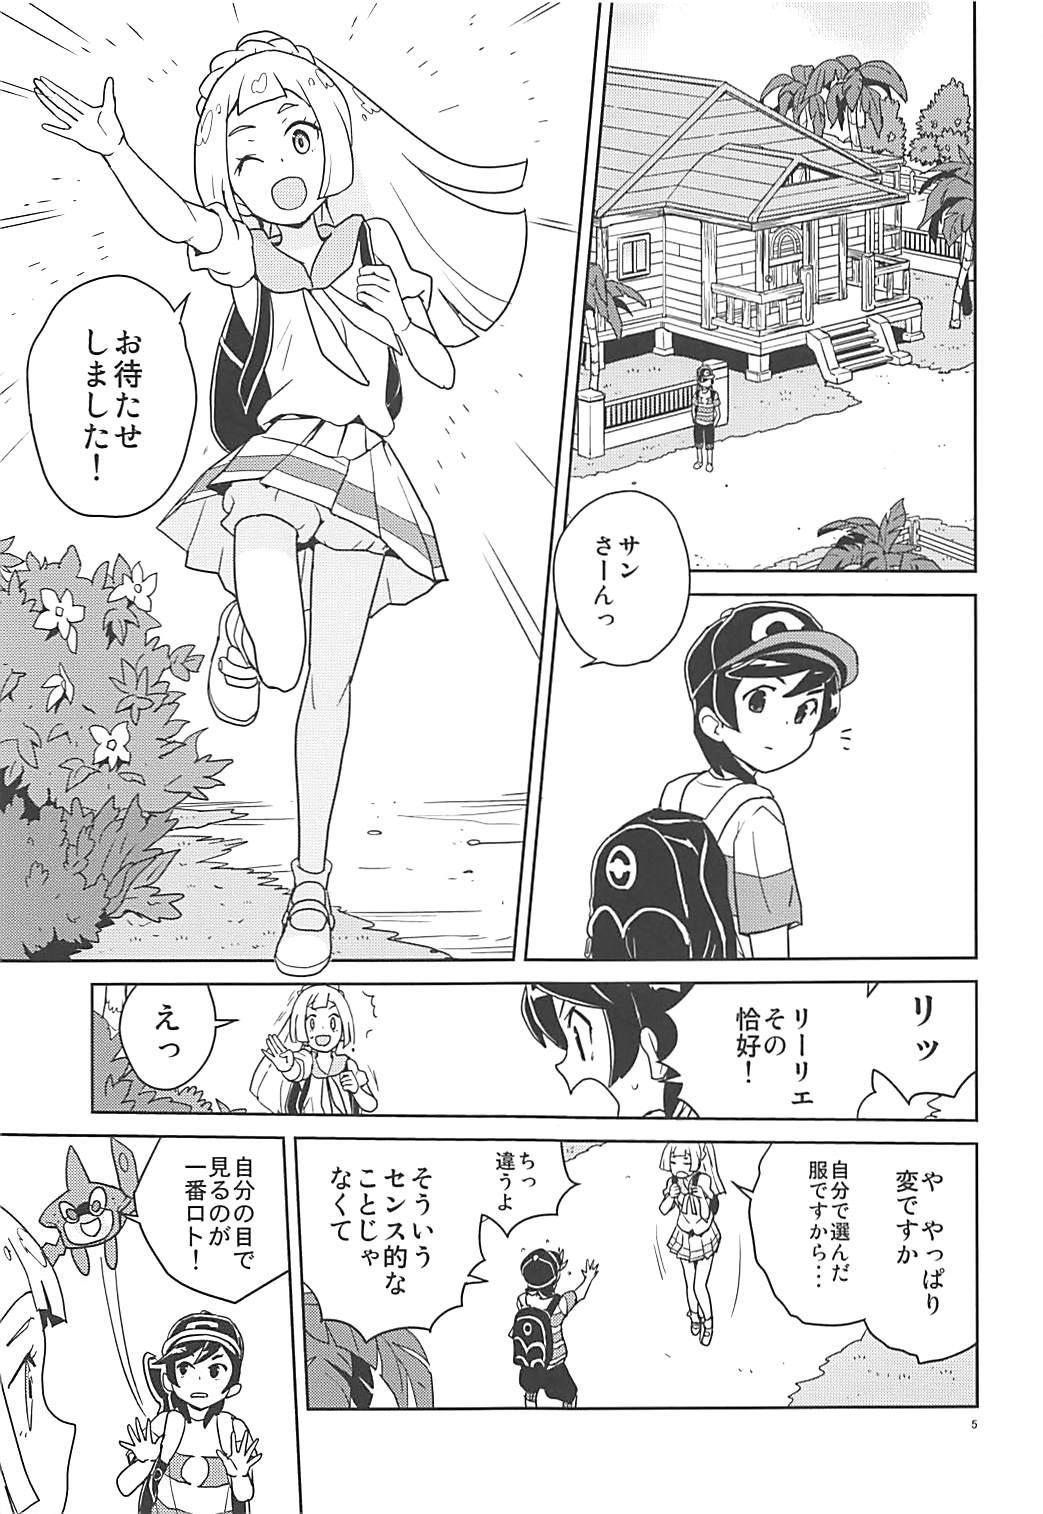 Lillie Kimi no Atama Boku ga Yoku Shite Ageyou 3